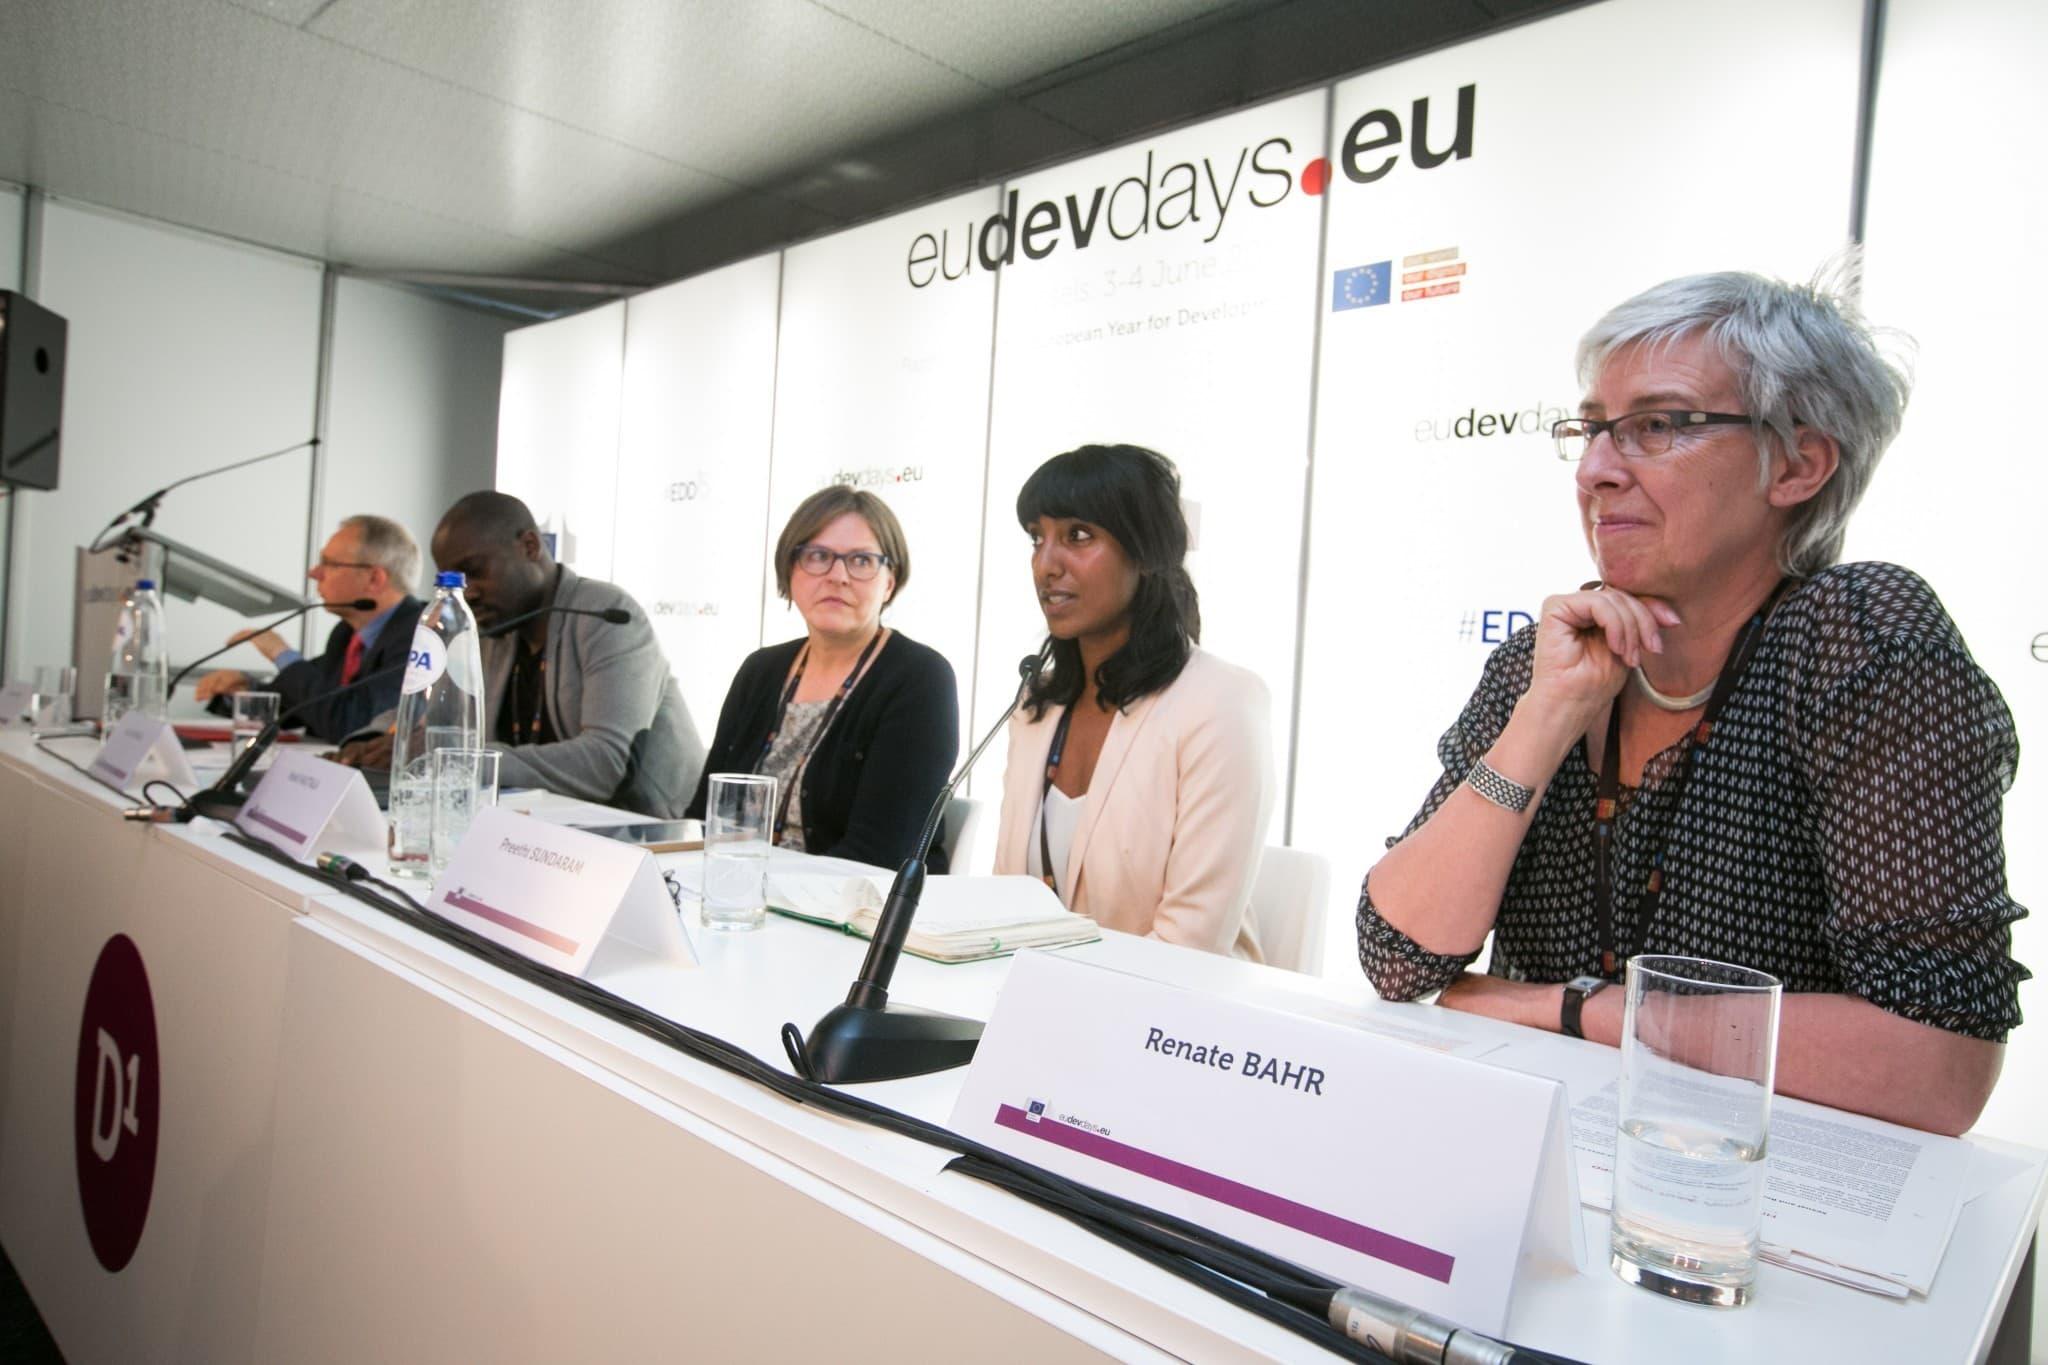 DSW-Geschäftsführerin Renate Bähr bei den Europäischen Entwicklungstagen